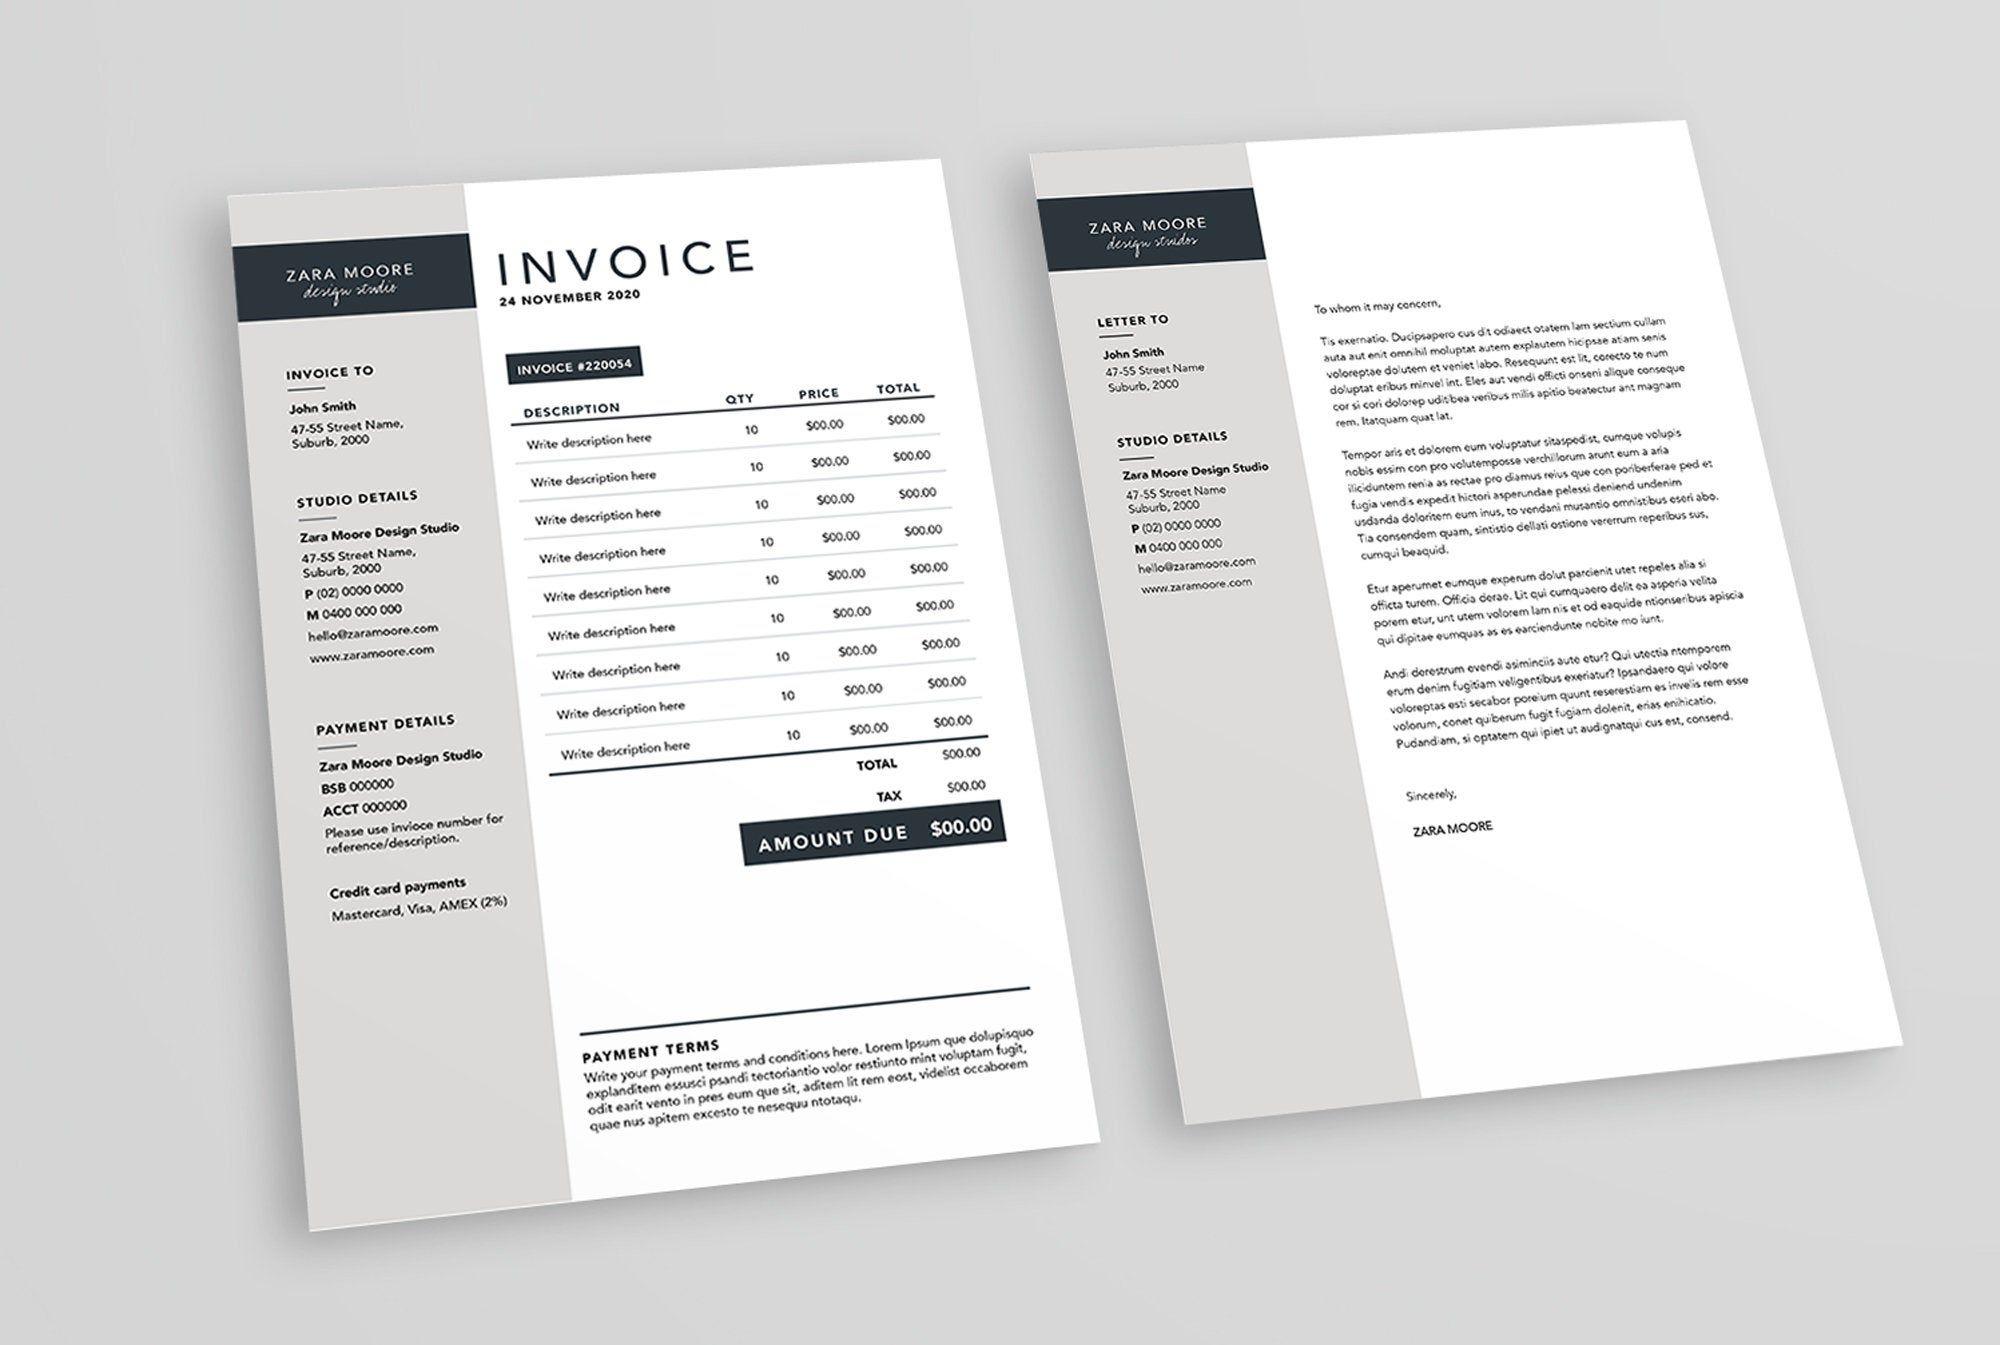 Invoice And Letterhead Templates The Zara Moore Pack Etsy Letterhead Template Invoice Template Invoice Design